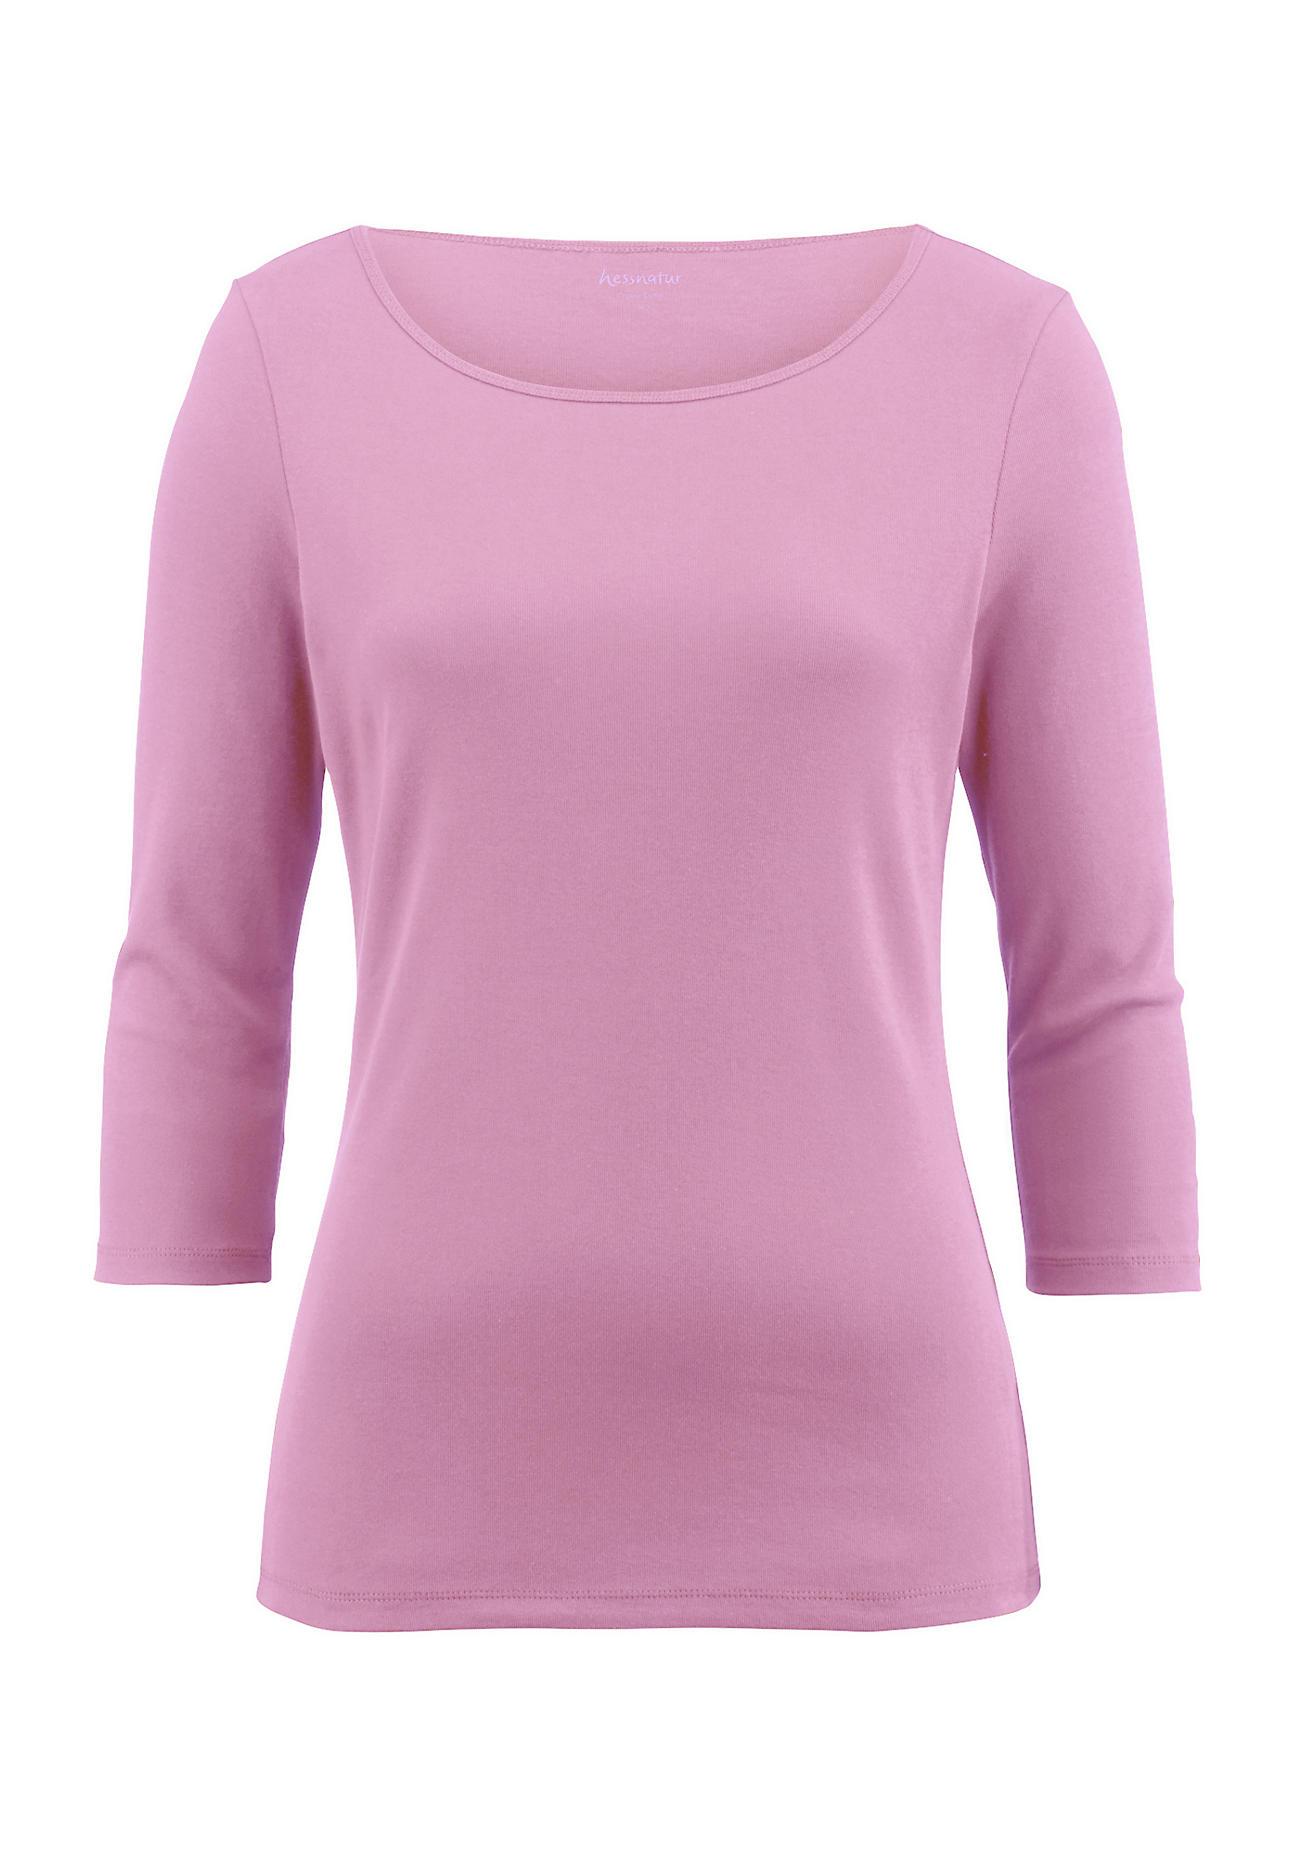 hessnatur Damen Shirt aus Bio Baumwolle – rosa – Größe 38